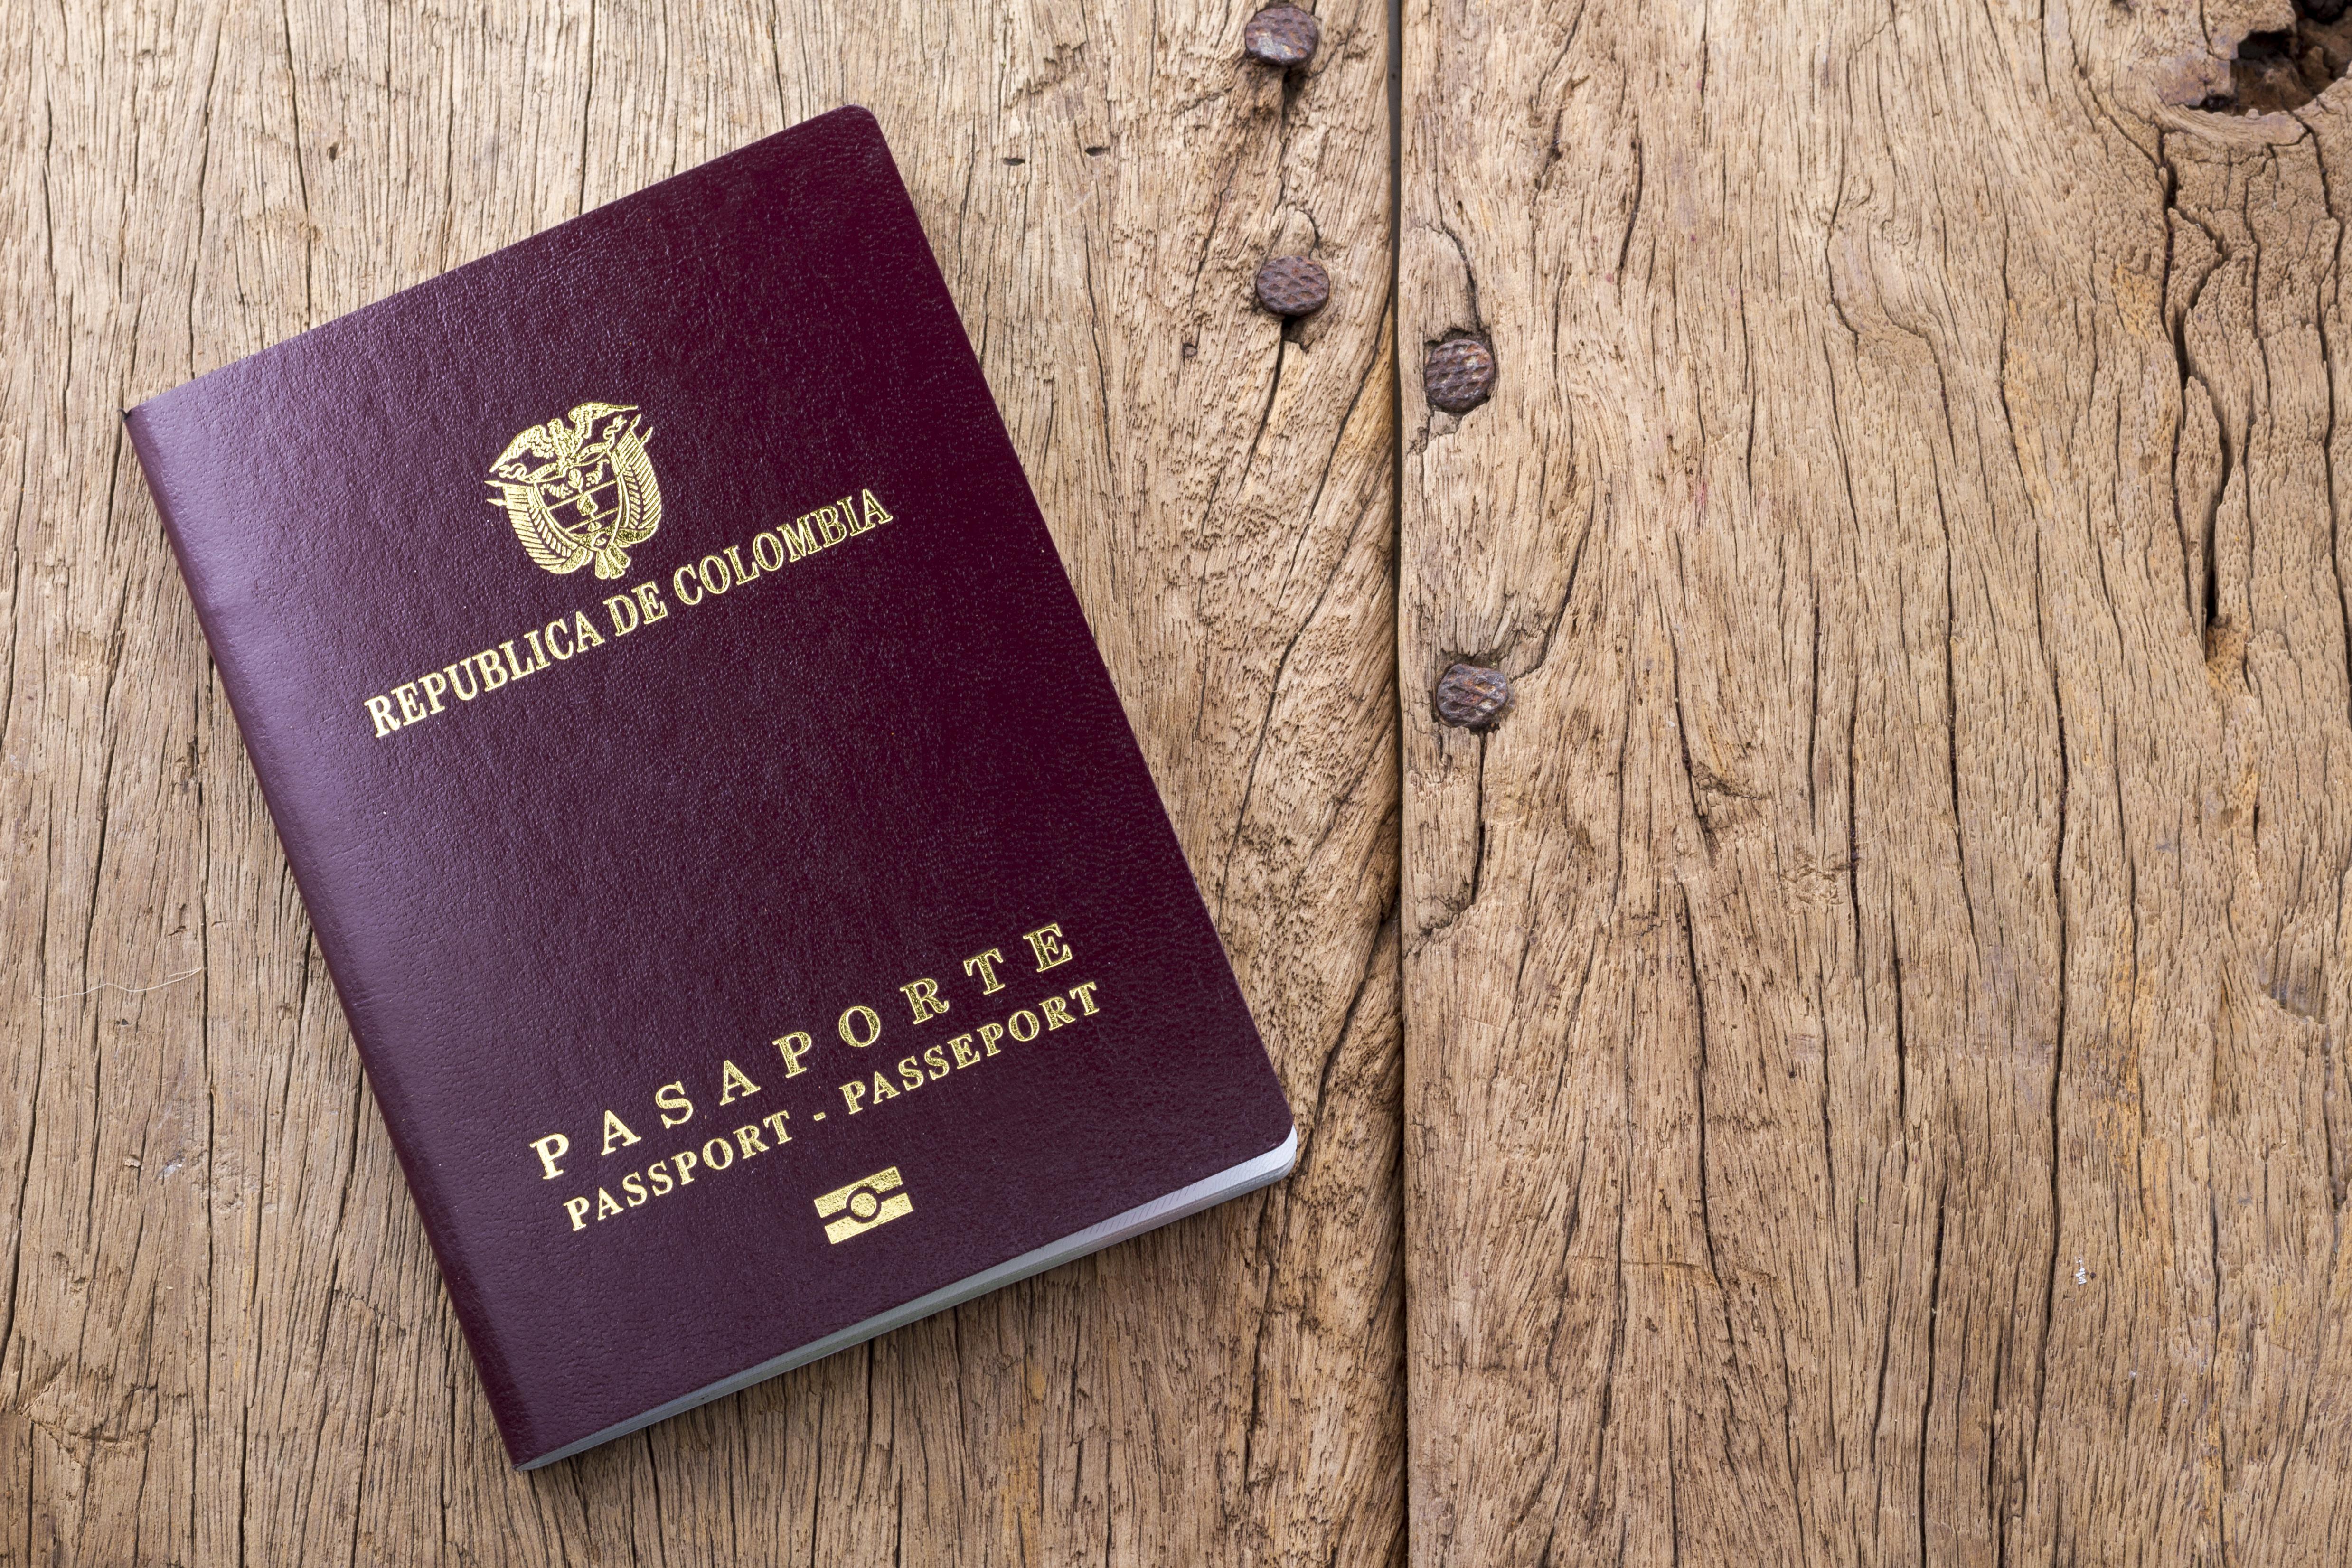 Колумбийский паспорт, который могут оформить иностранцы